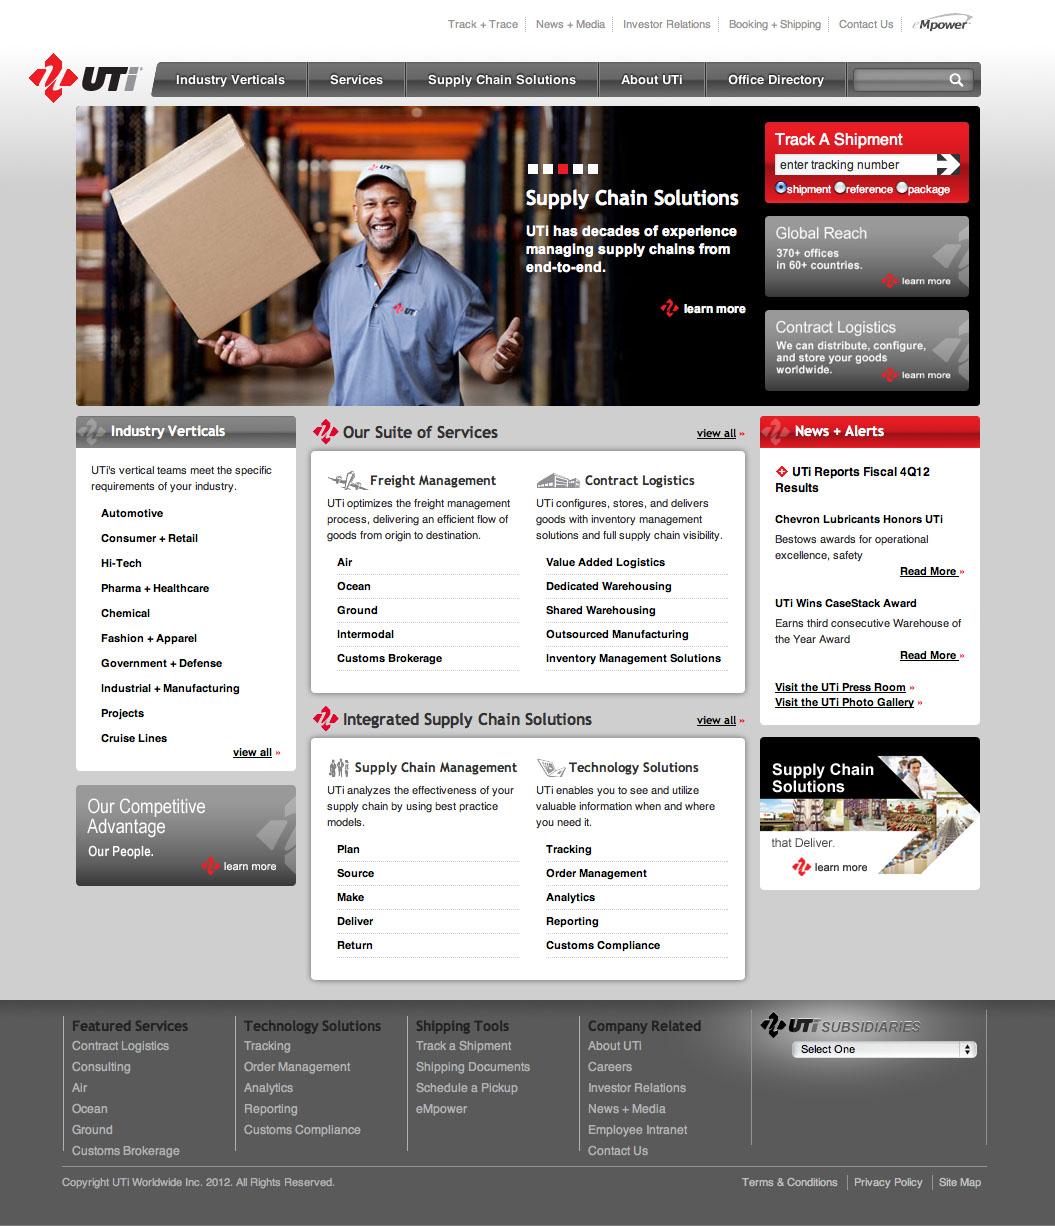 UTi Home Page